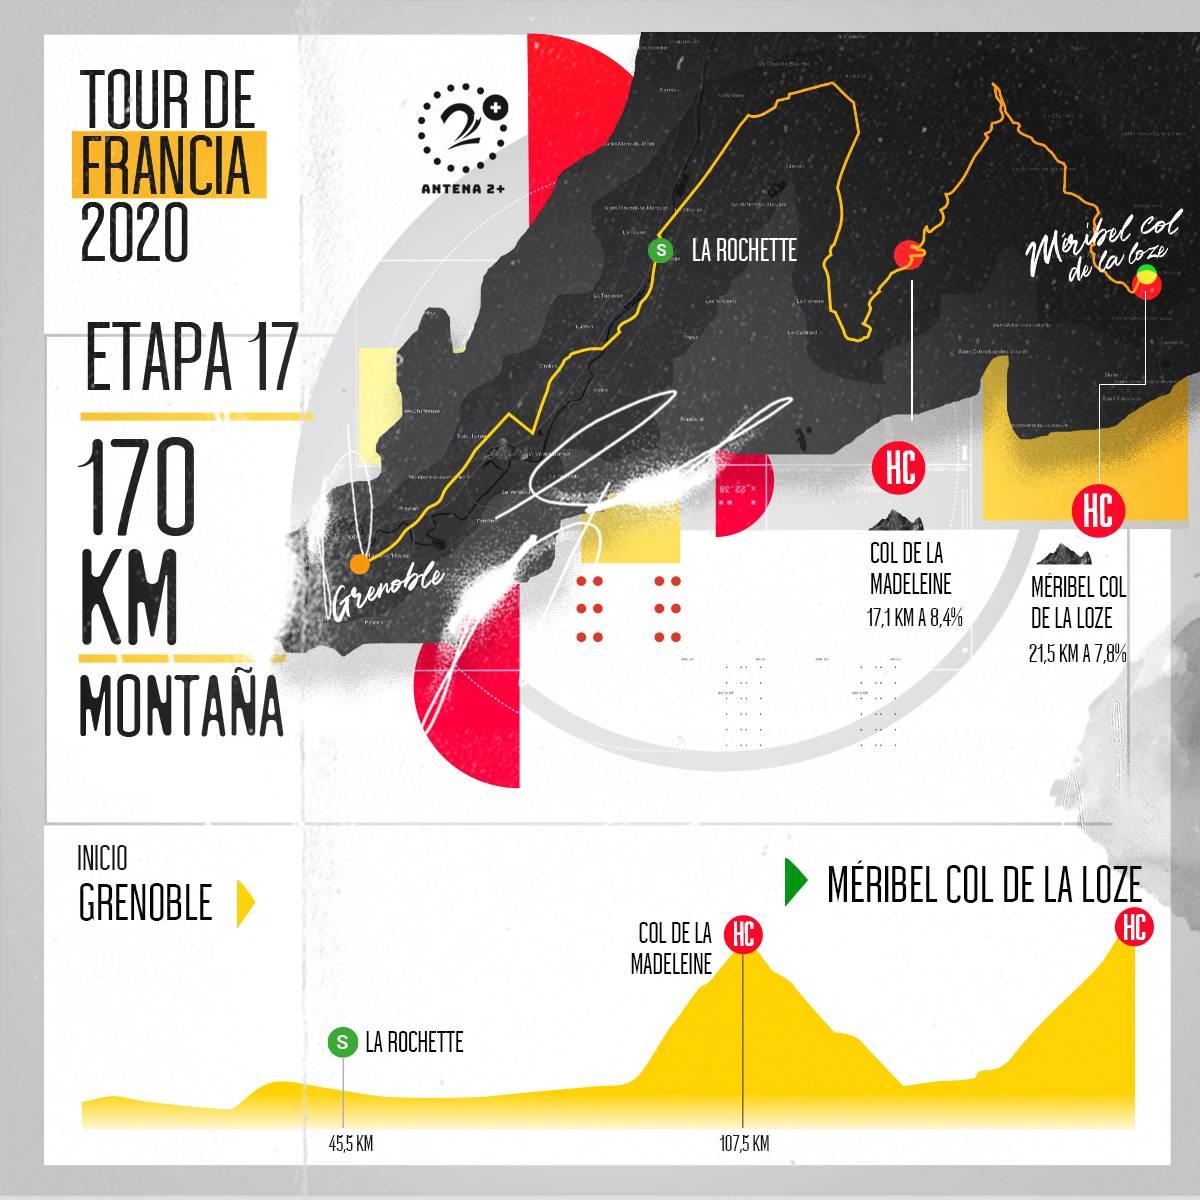 Tour de Francia, altimetrías: Grenoble - Méribel Col de la Loze, 170 kilómetros, etapa 17